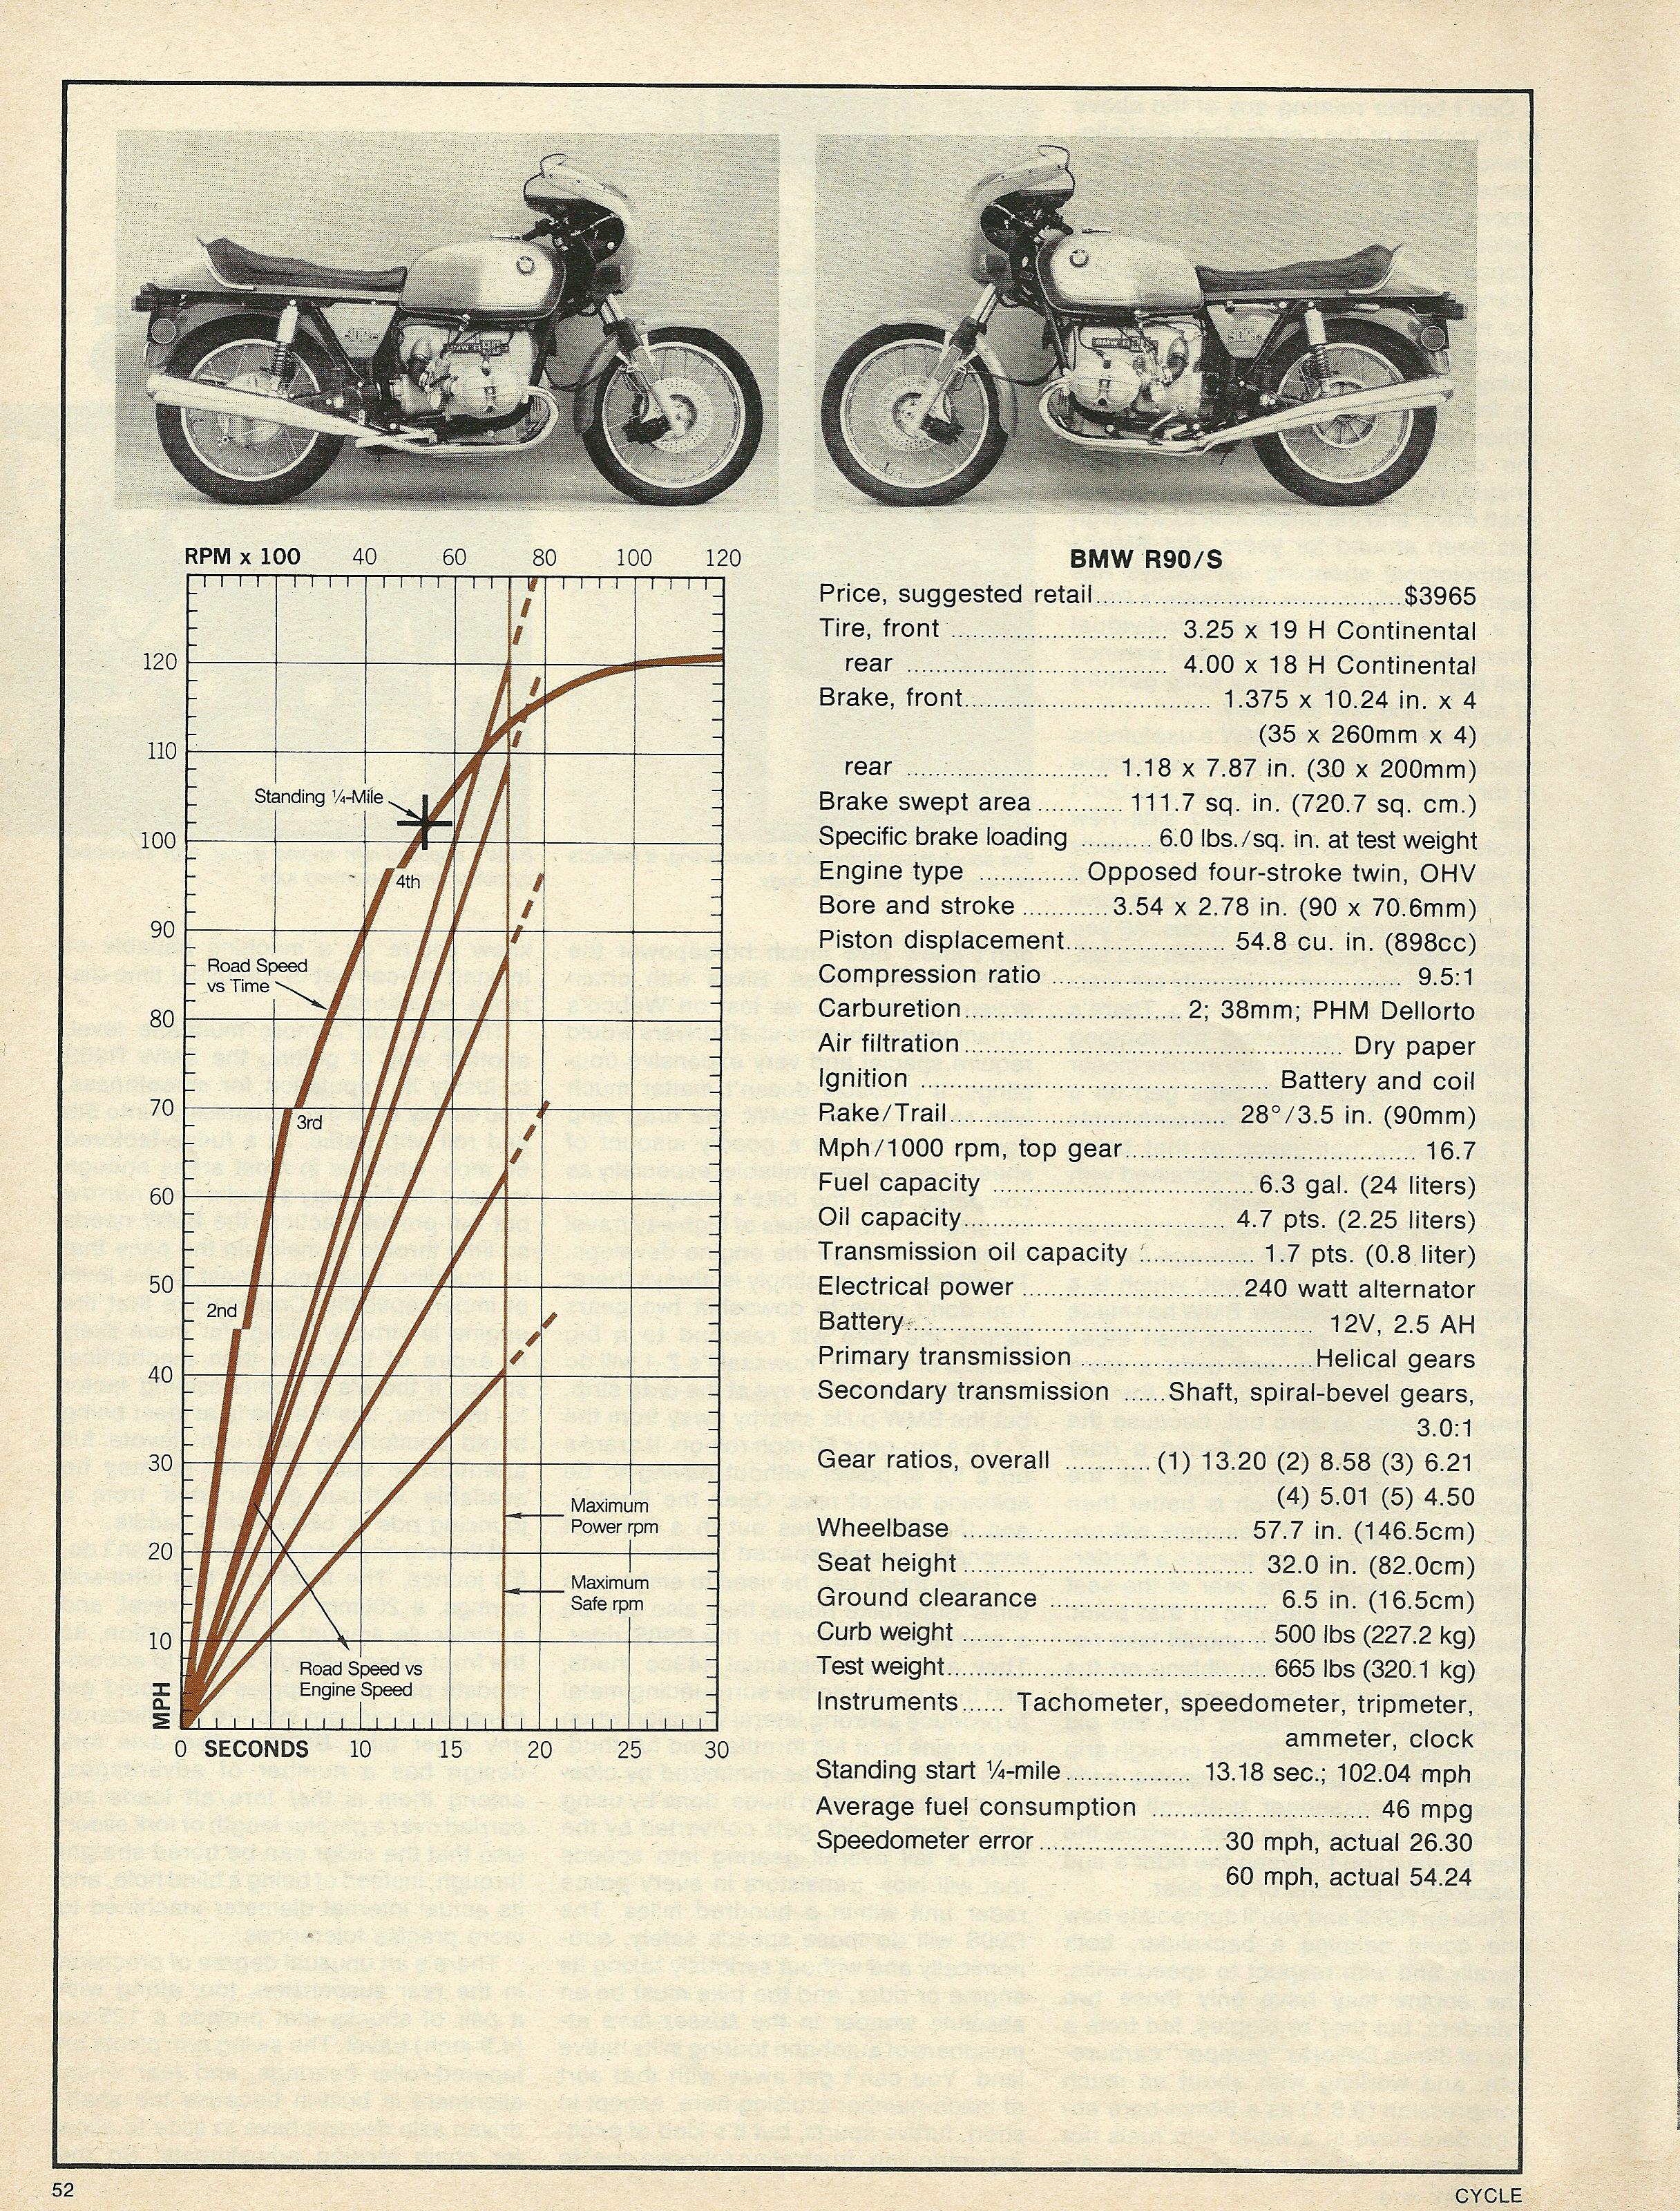 1976 BMW R90S road test 5.JPG